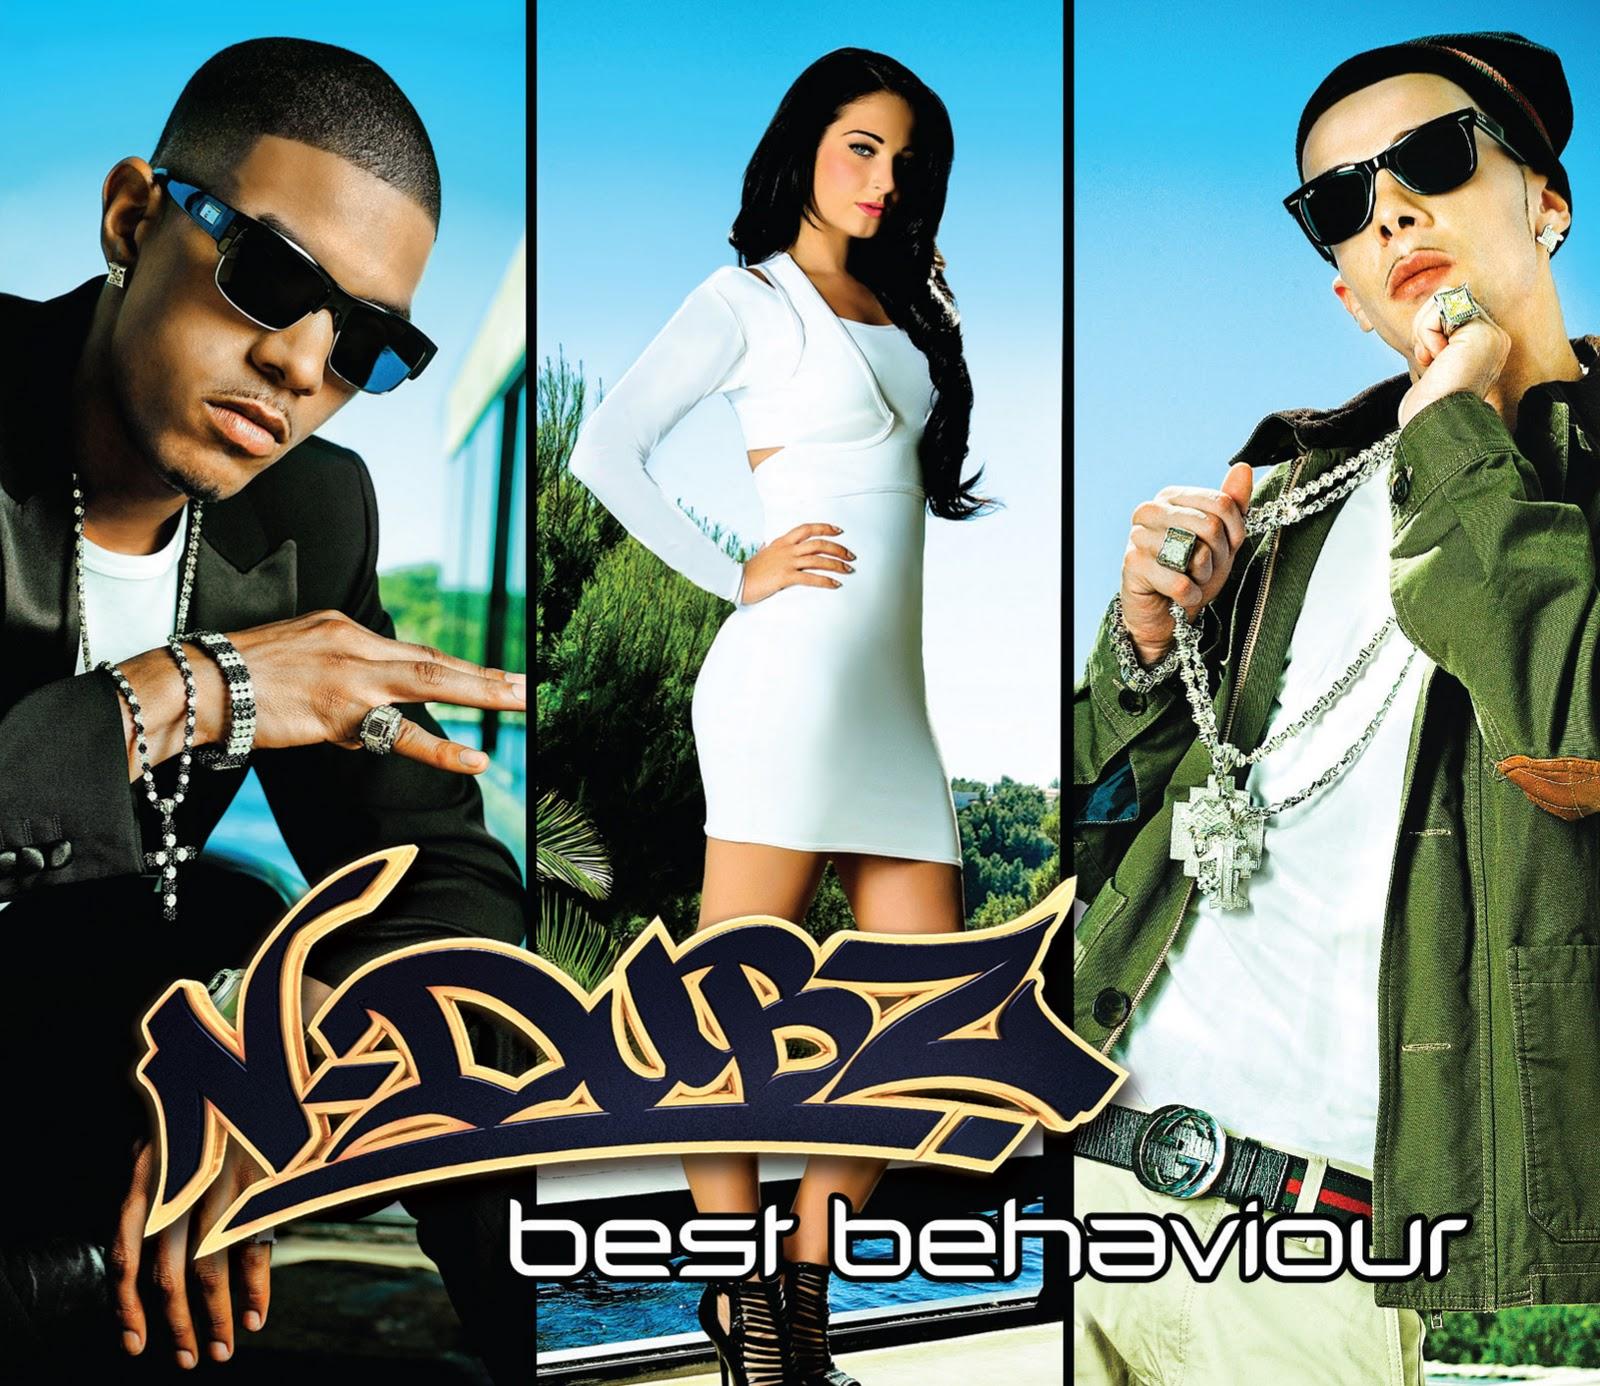 http://4.bp.blogspot.com/_mupIVJbjvuU/TL1CJ2w_jWI/AAAAAAAAH1o/QwQ0ahvI1KQ/s1600/N-Dubz+-+Best+Behaviour+(Official+Single+Cover).jpg